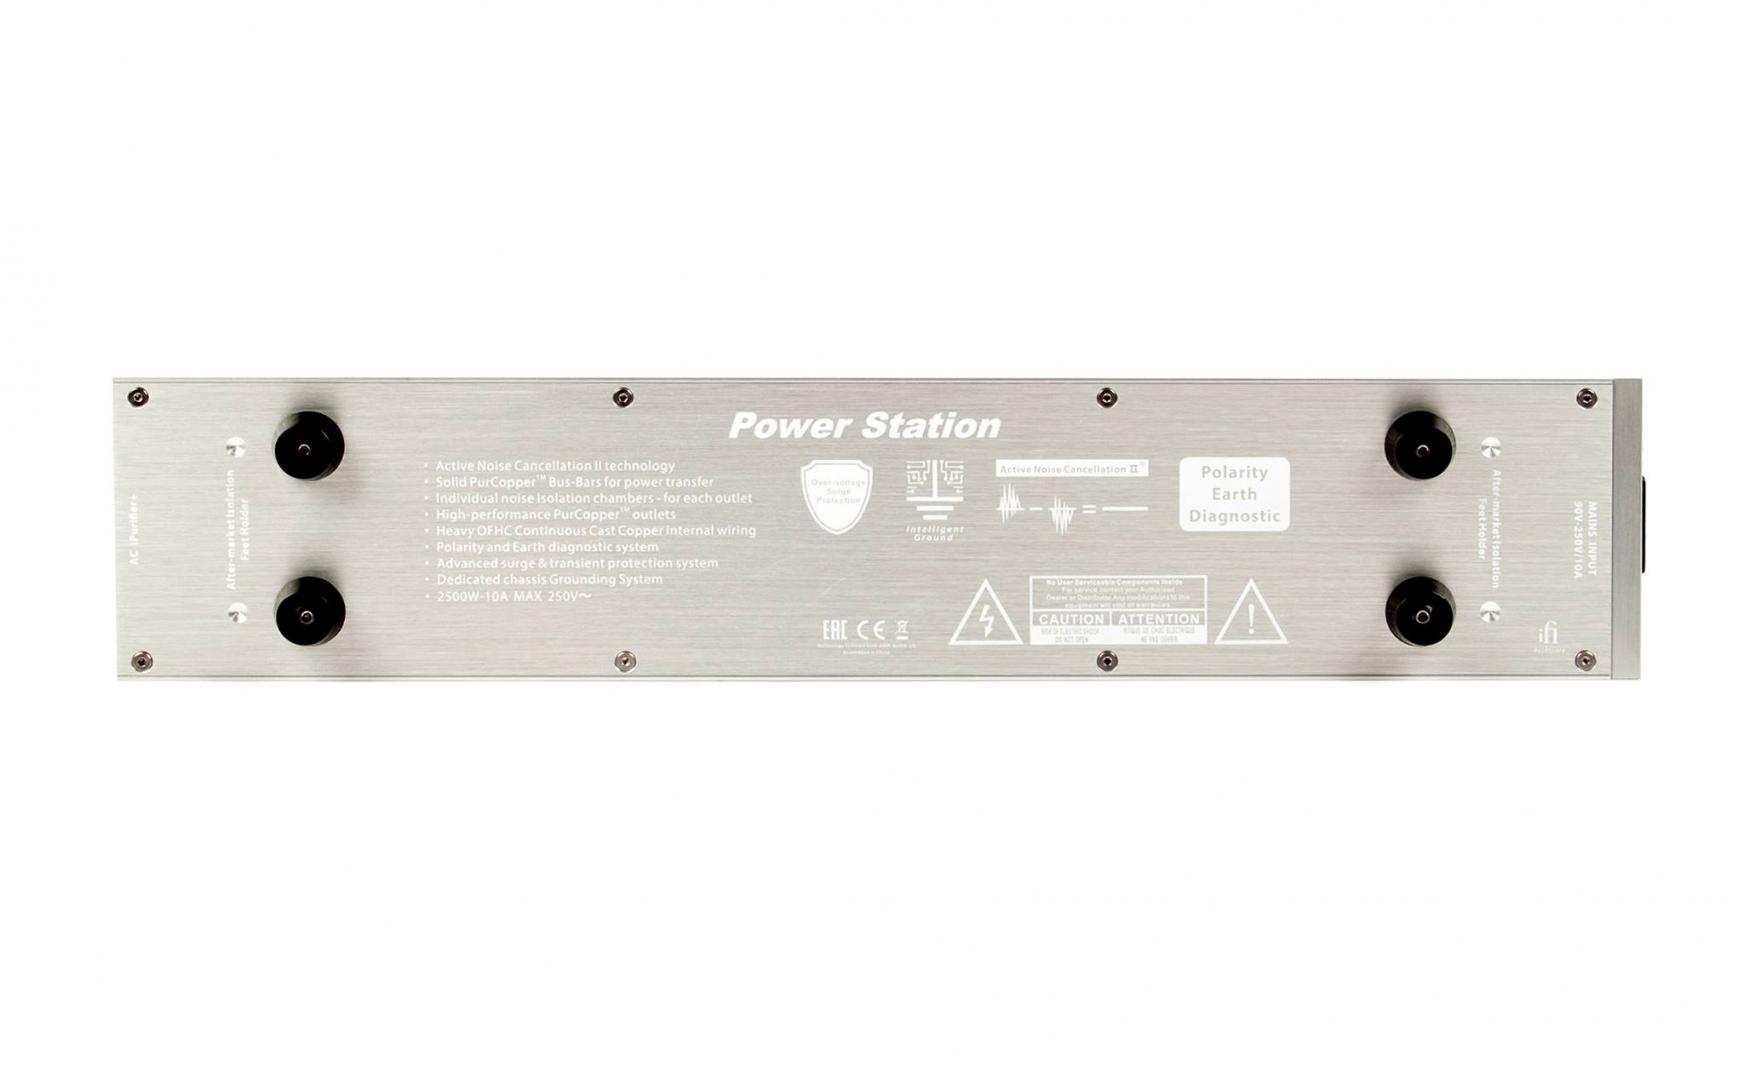 iFi ra mắt ổ cắm điện lọc nguồn cao cấp Power Station dành cho các dàn âm thanh High-End